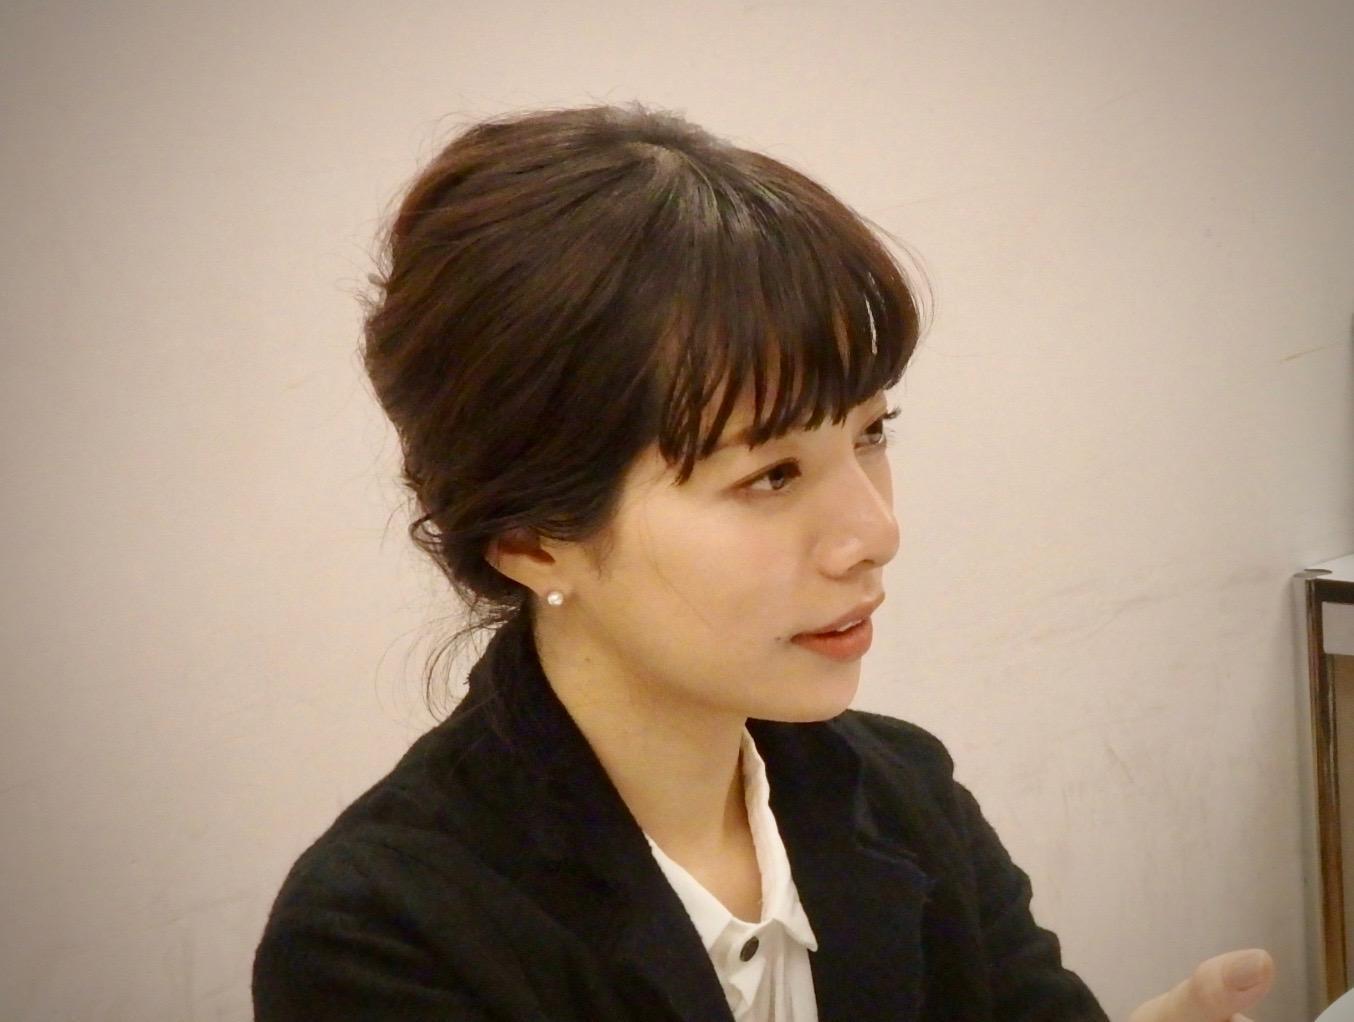 http://news.yoshimoto.co.jp/20181027054247-efffc0fc82e7de3f750ff9c4c9d6d3d8079919a7.jpg